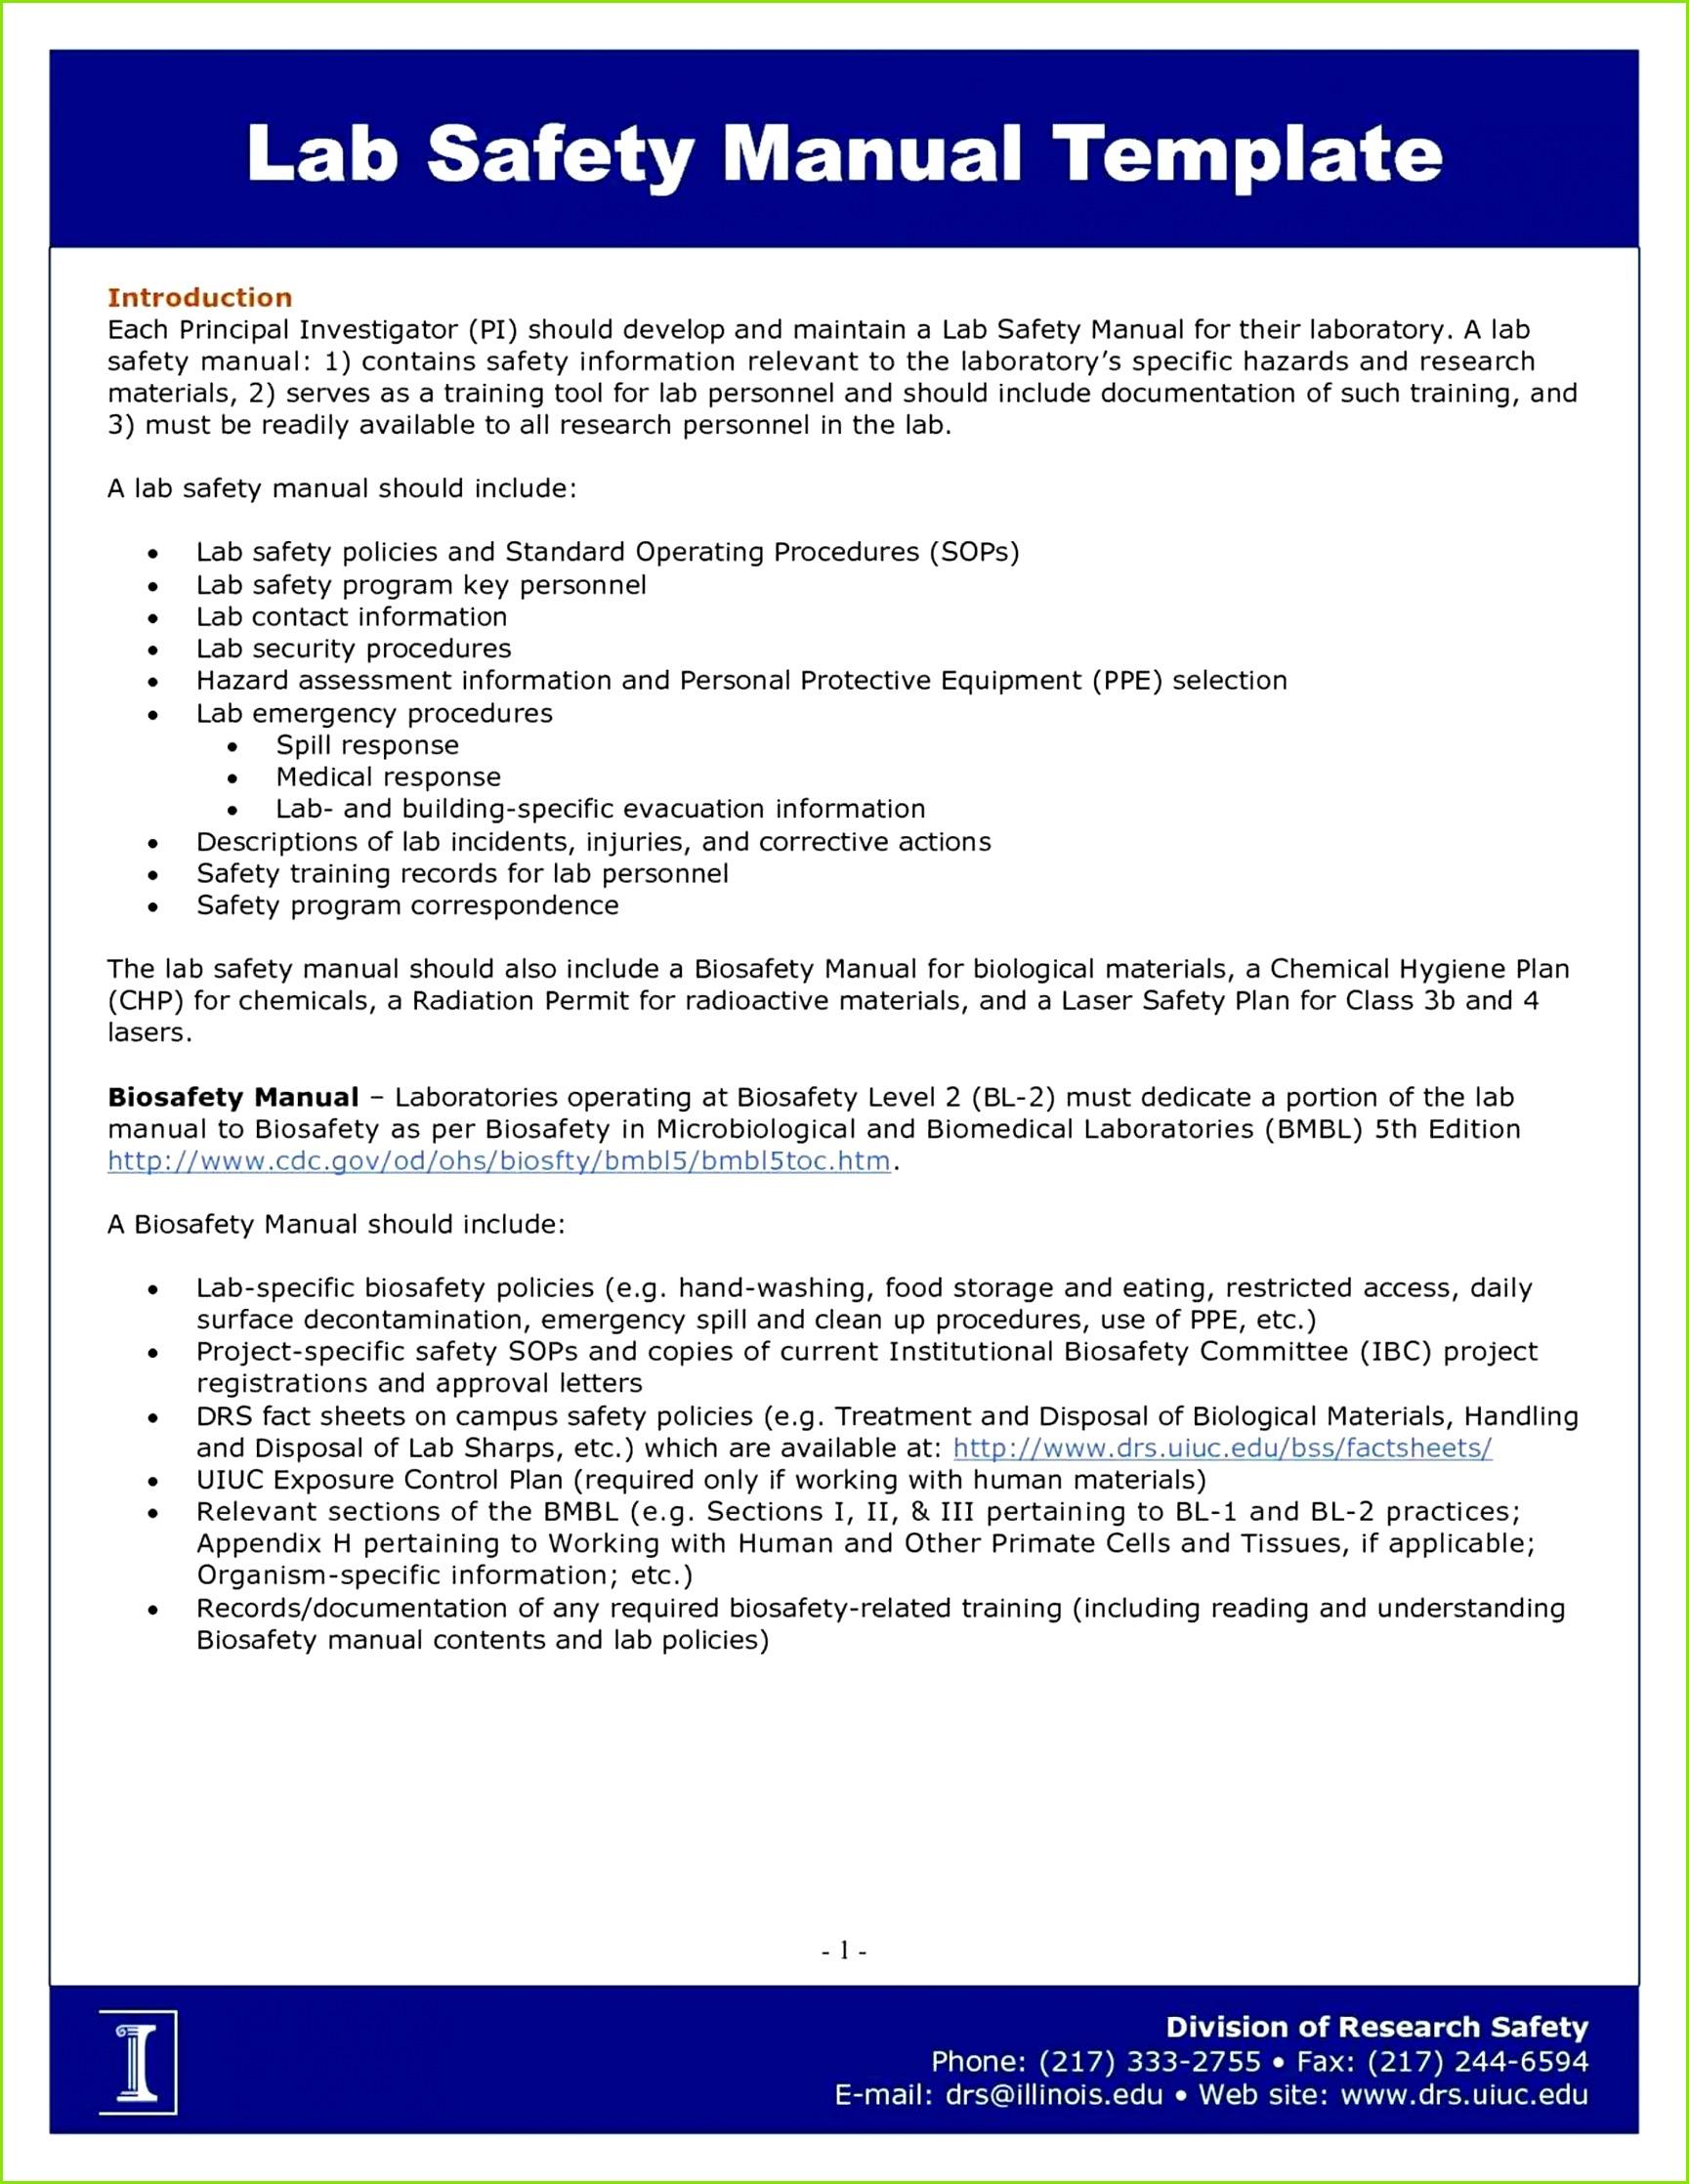 Free Pdf Resume Builder Lovely Lab Safety Worksheet Pdf or Resume Builder Program Fresh Delighted